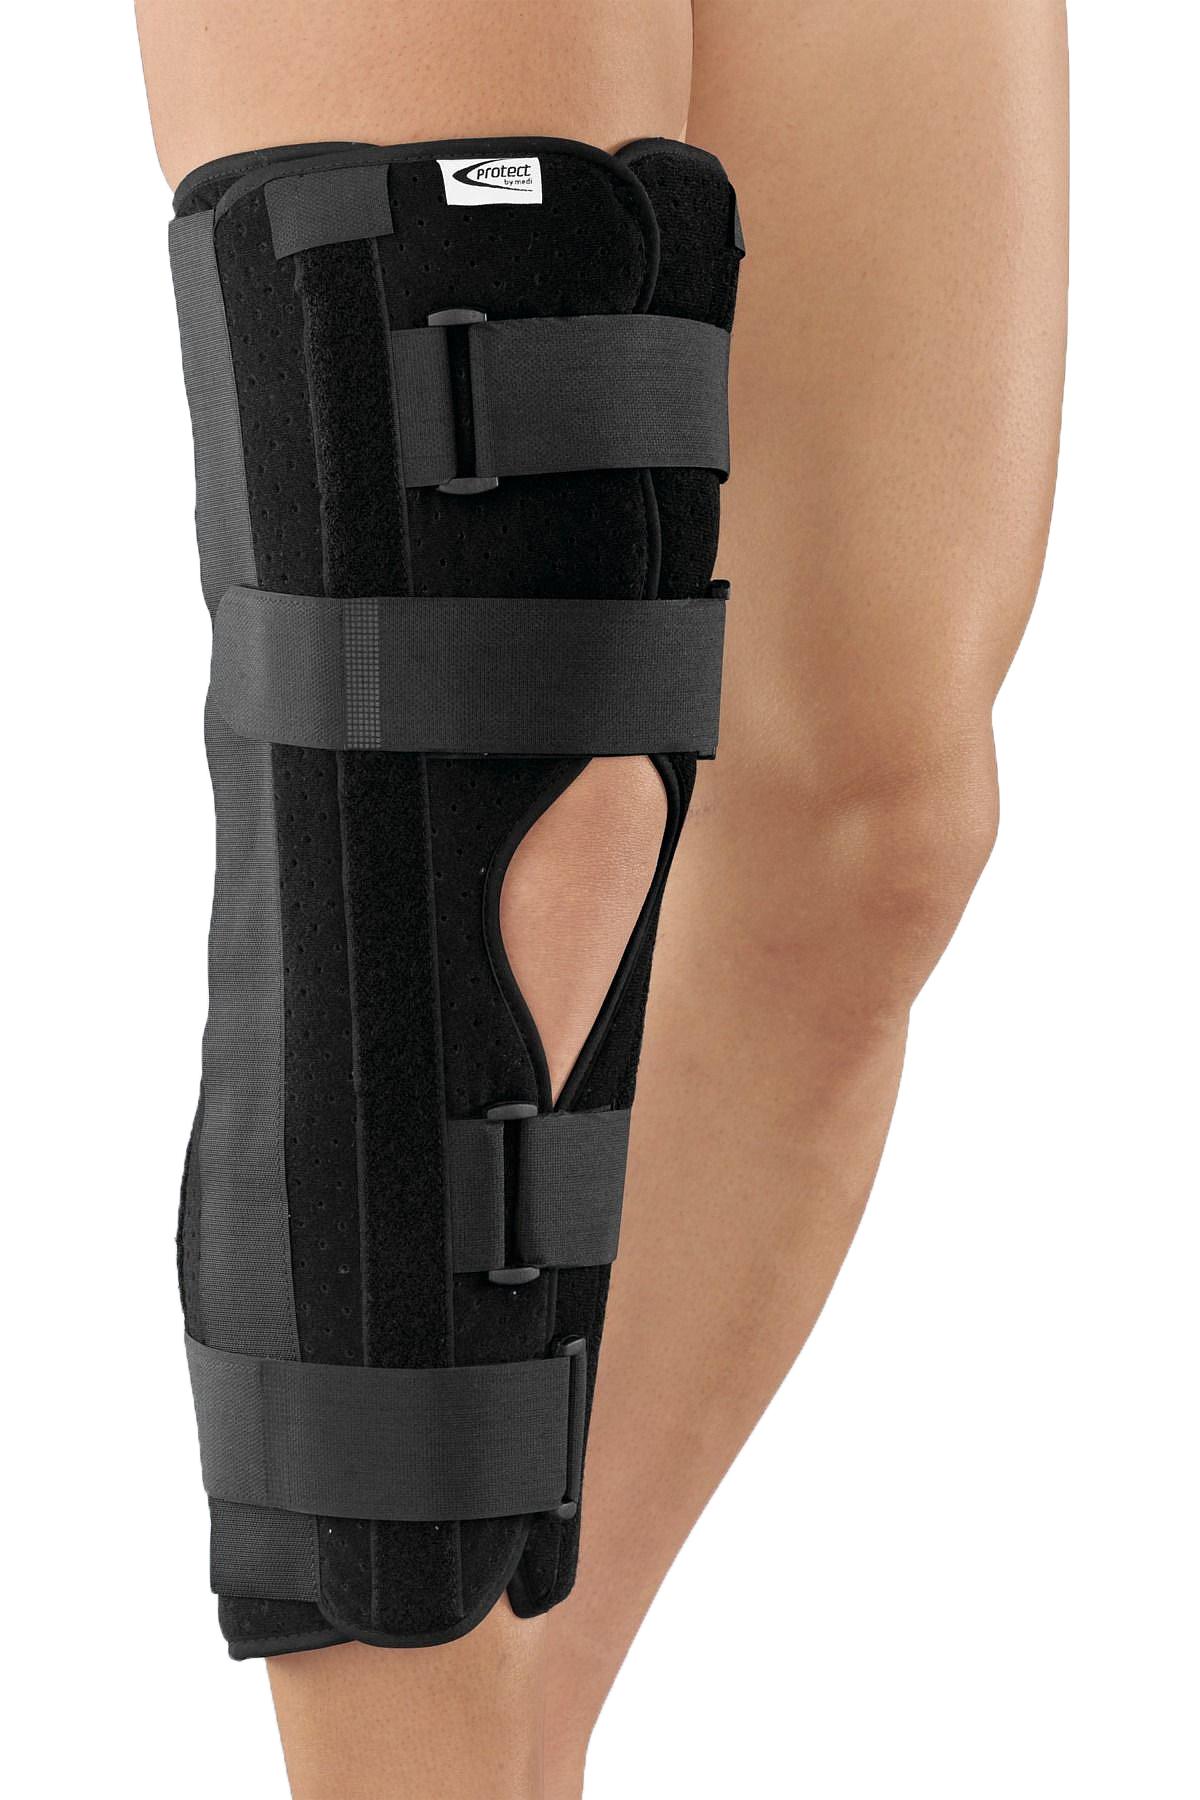 Orteză de genunchi cu imobilizare la 0 °